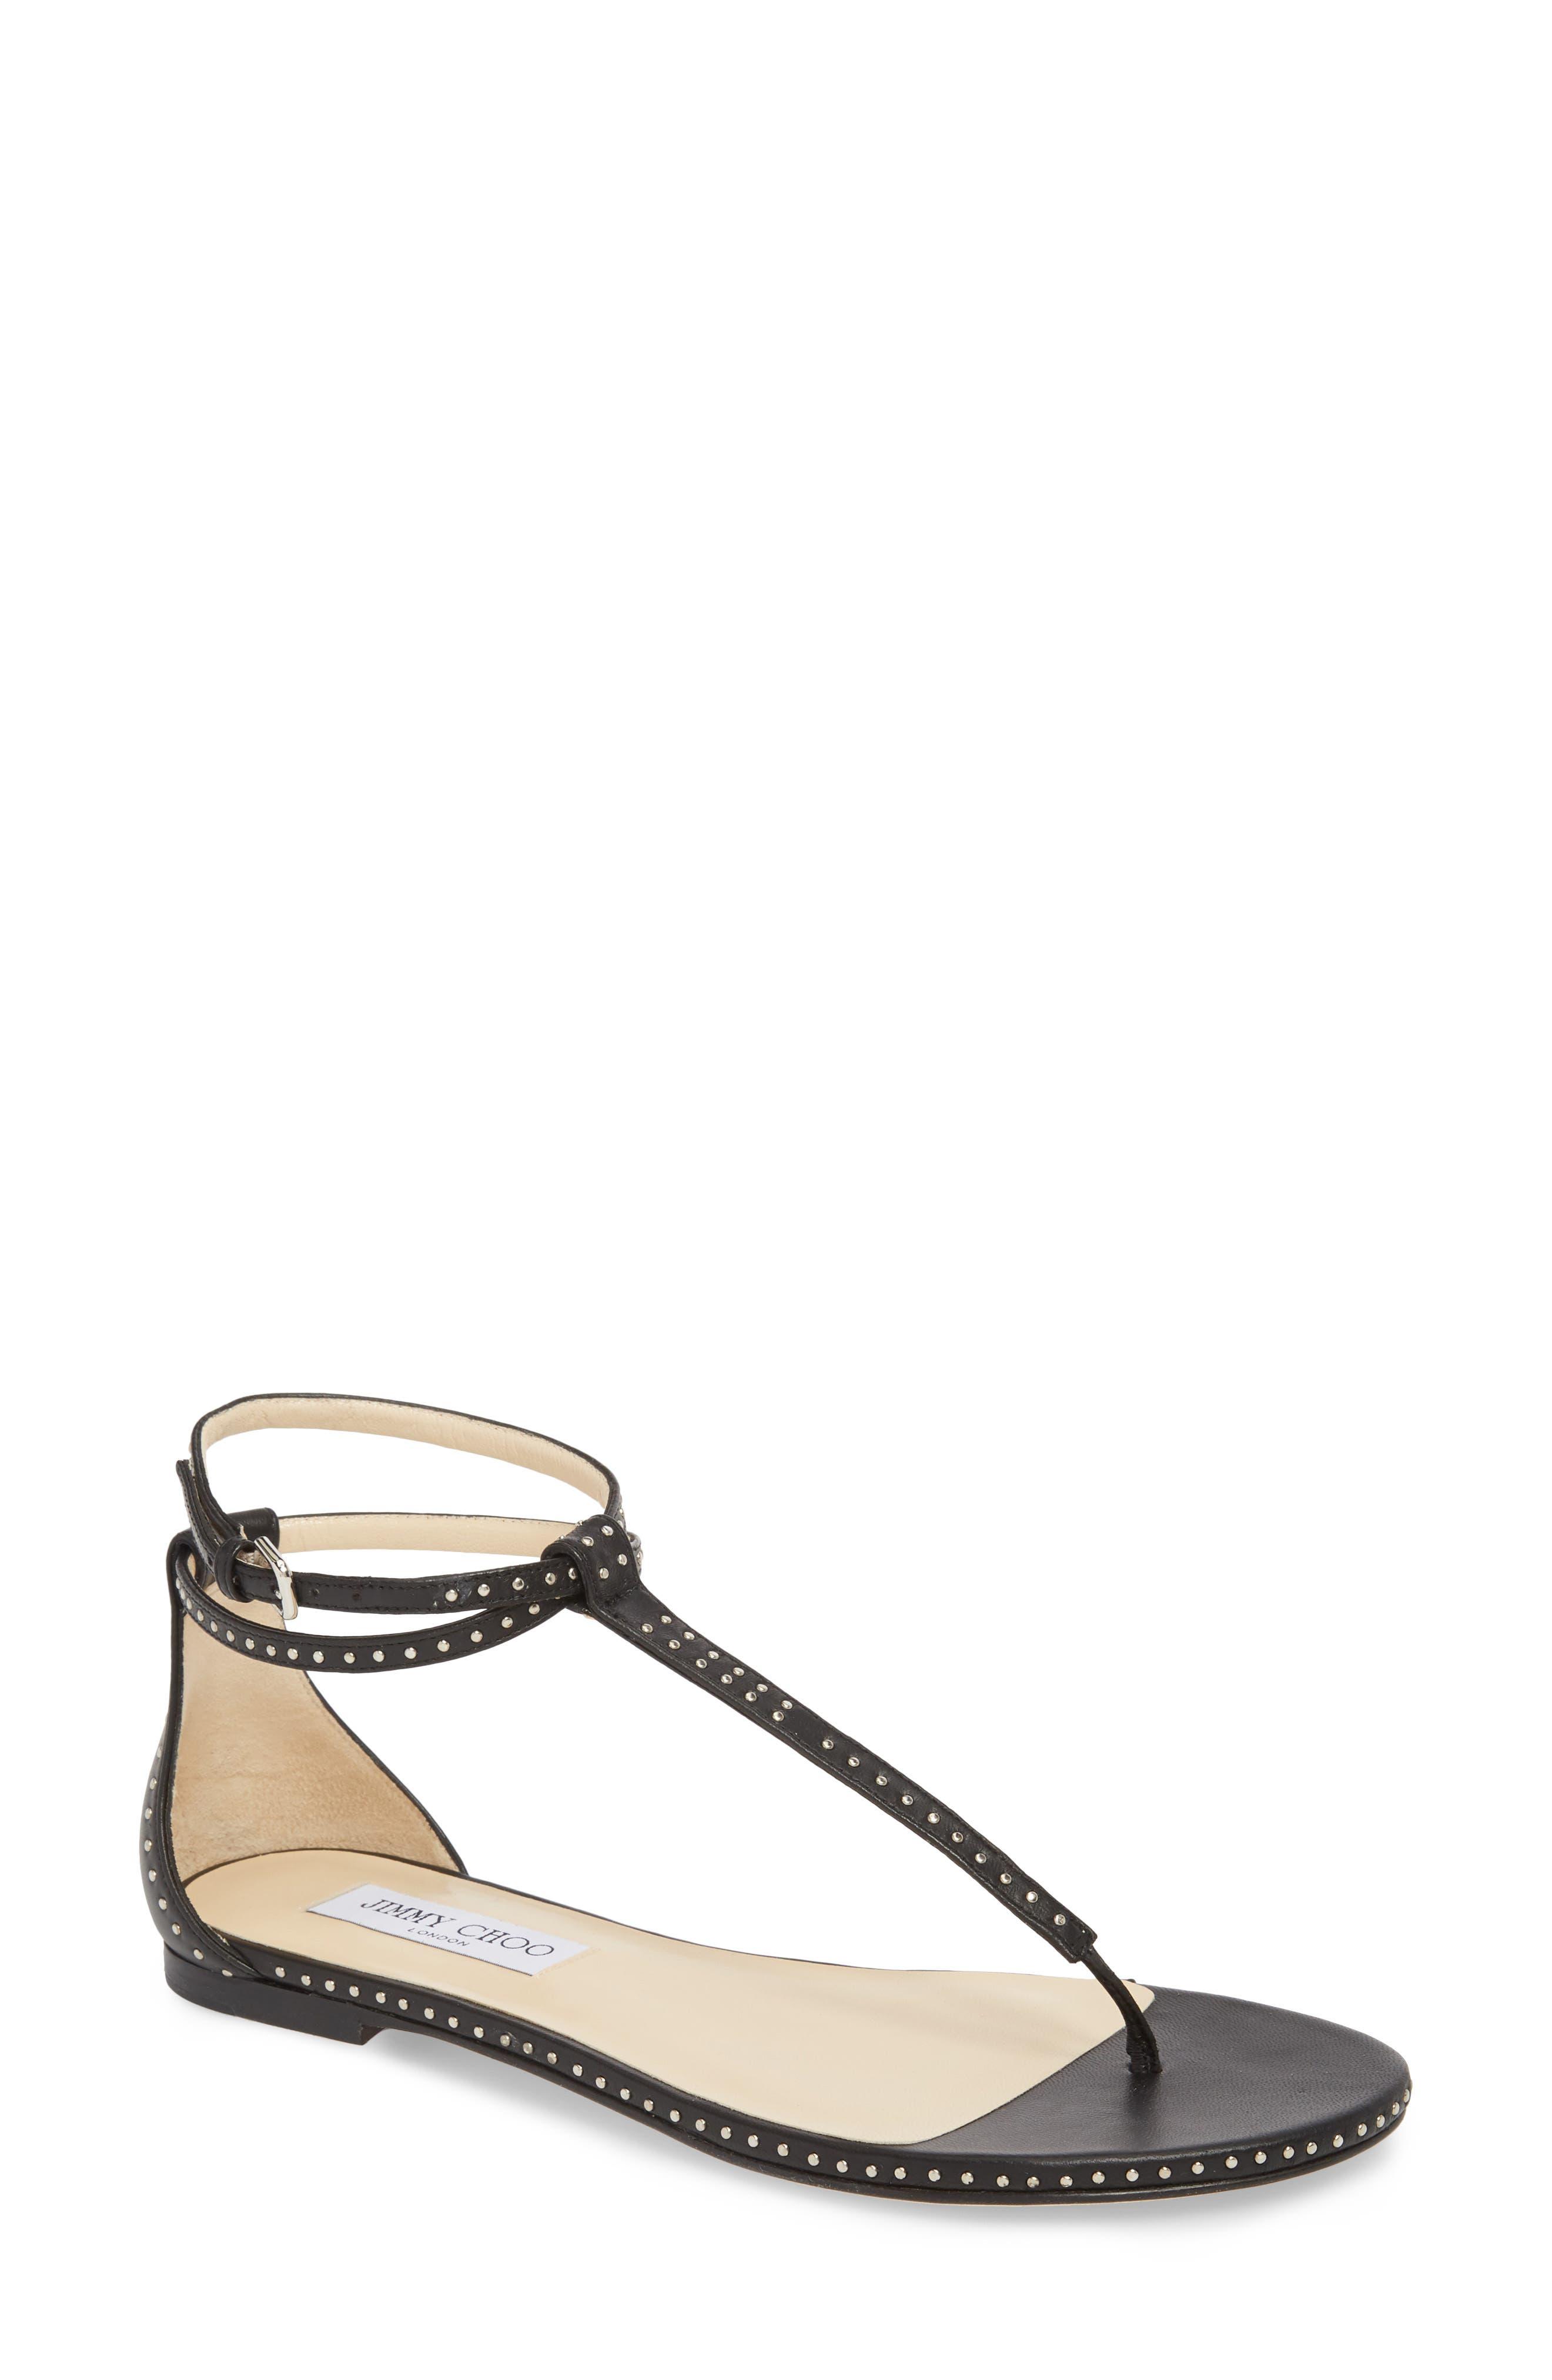 Afia Studded Flat Sandal,                         Main,                         color, BLACK